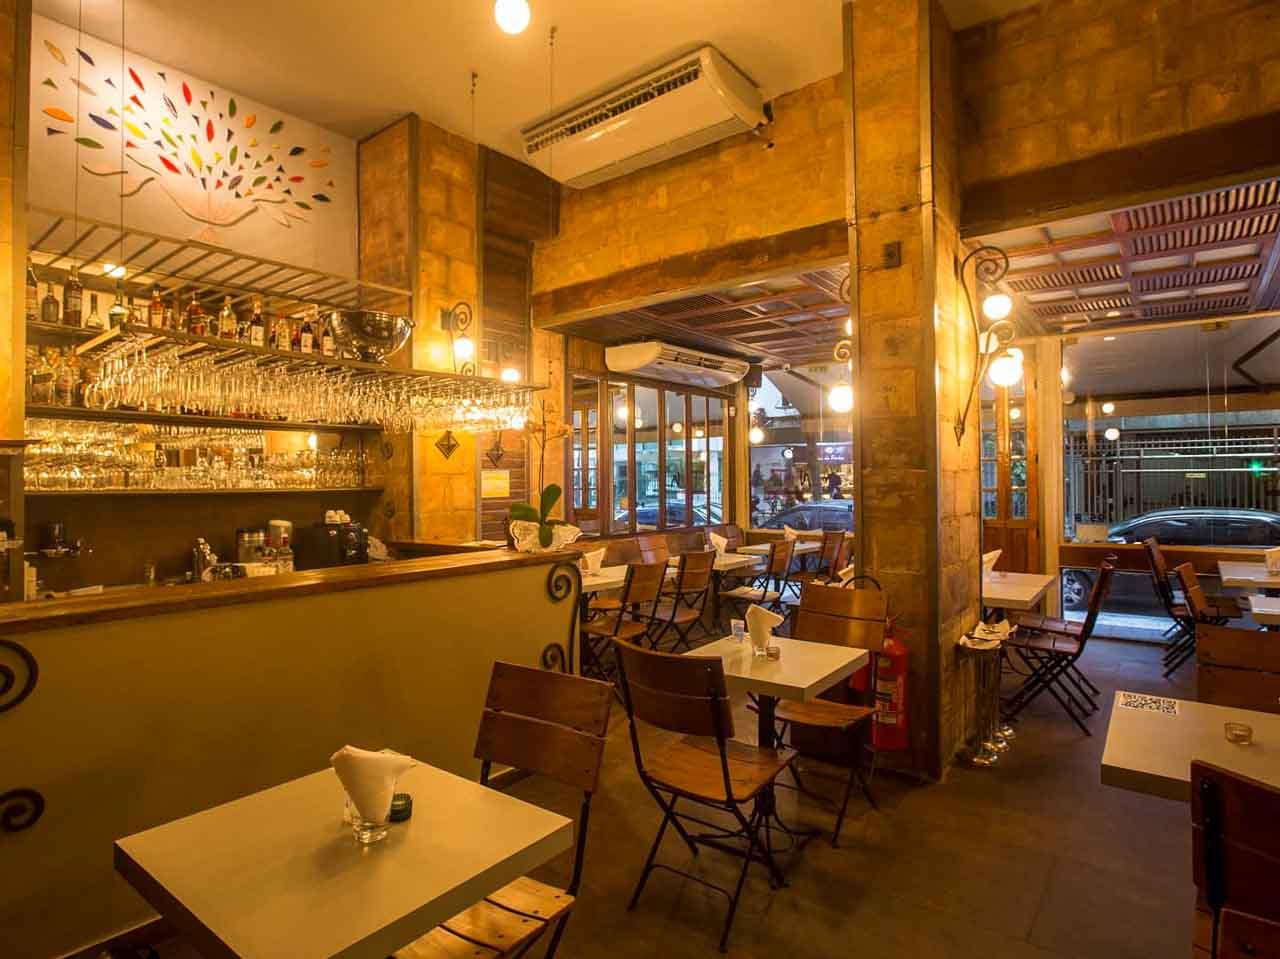 Ambiente aconchegante do Nam Thai: um dos restaurantes de comida tailandesa no RJ, Brasil.